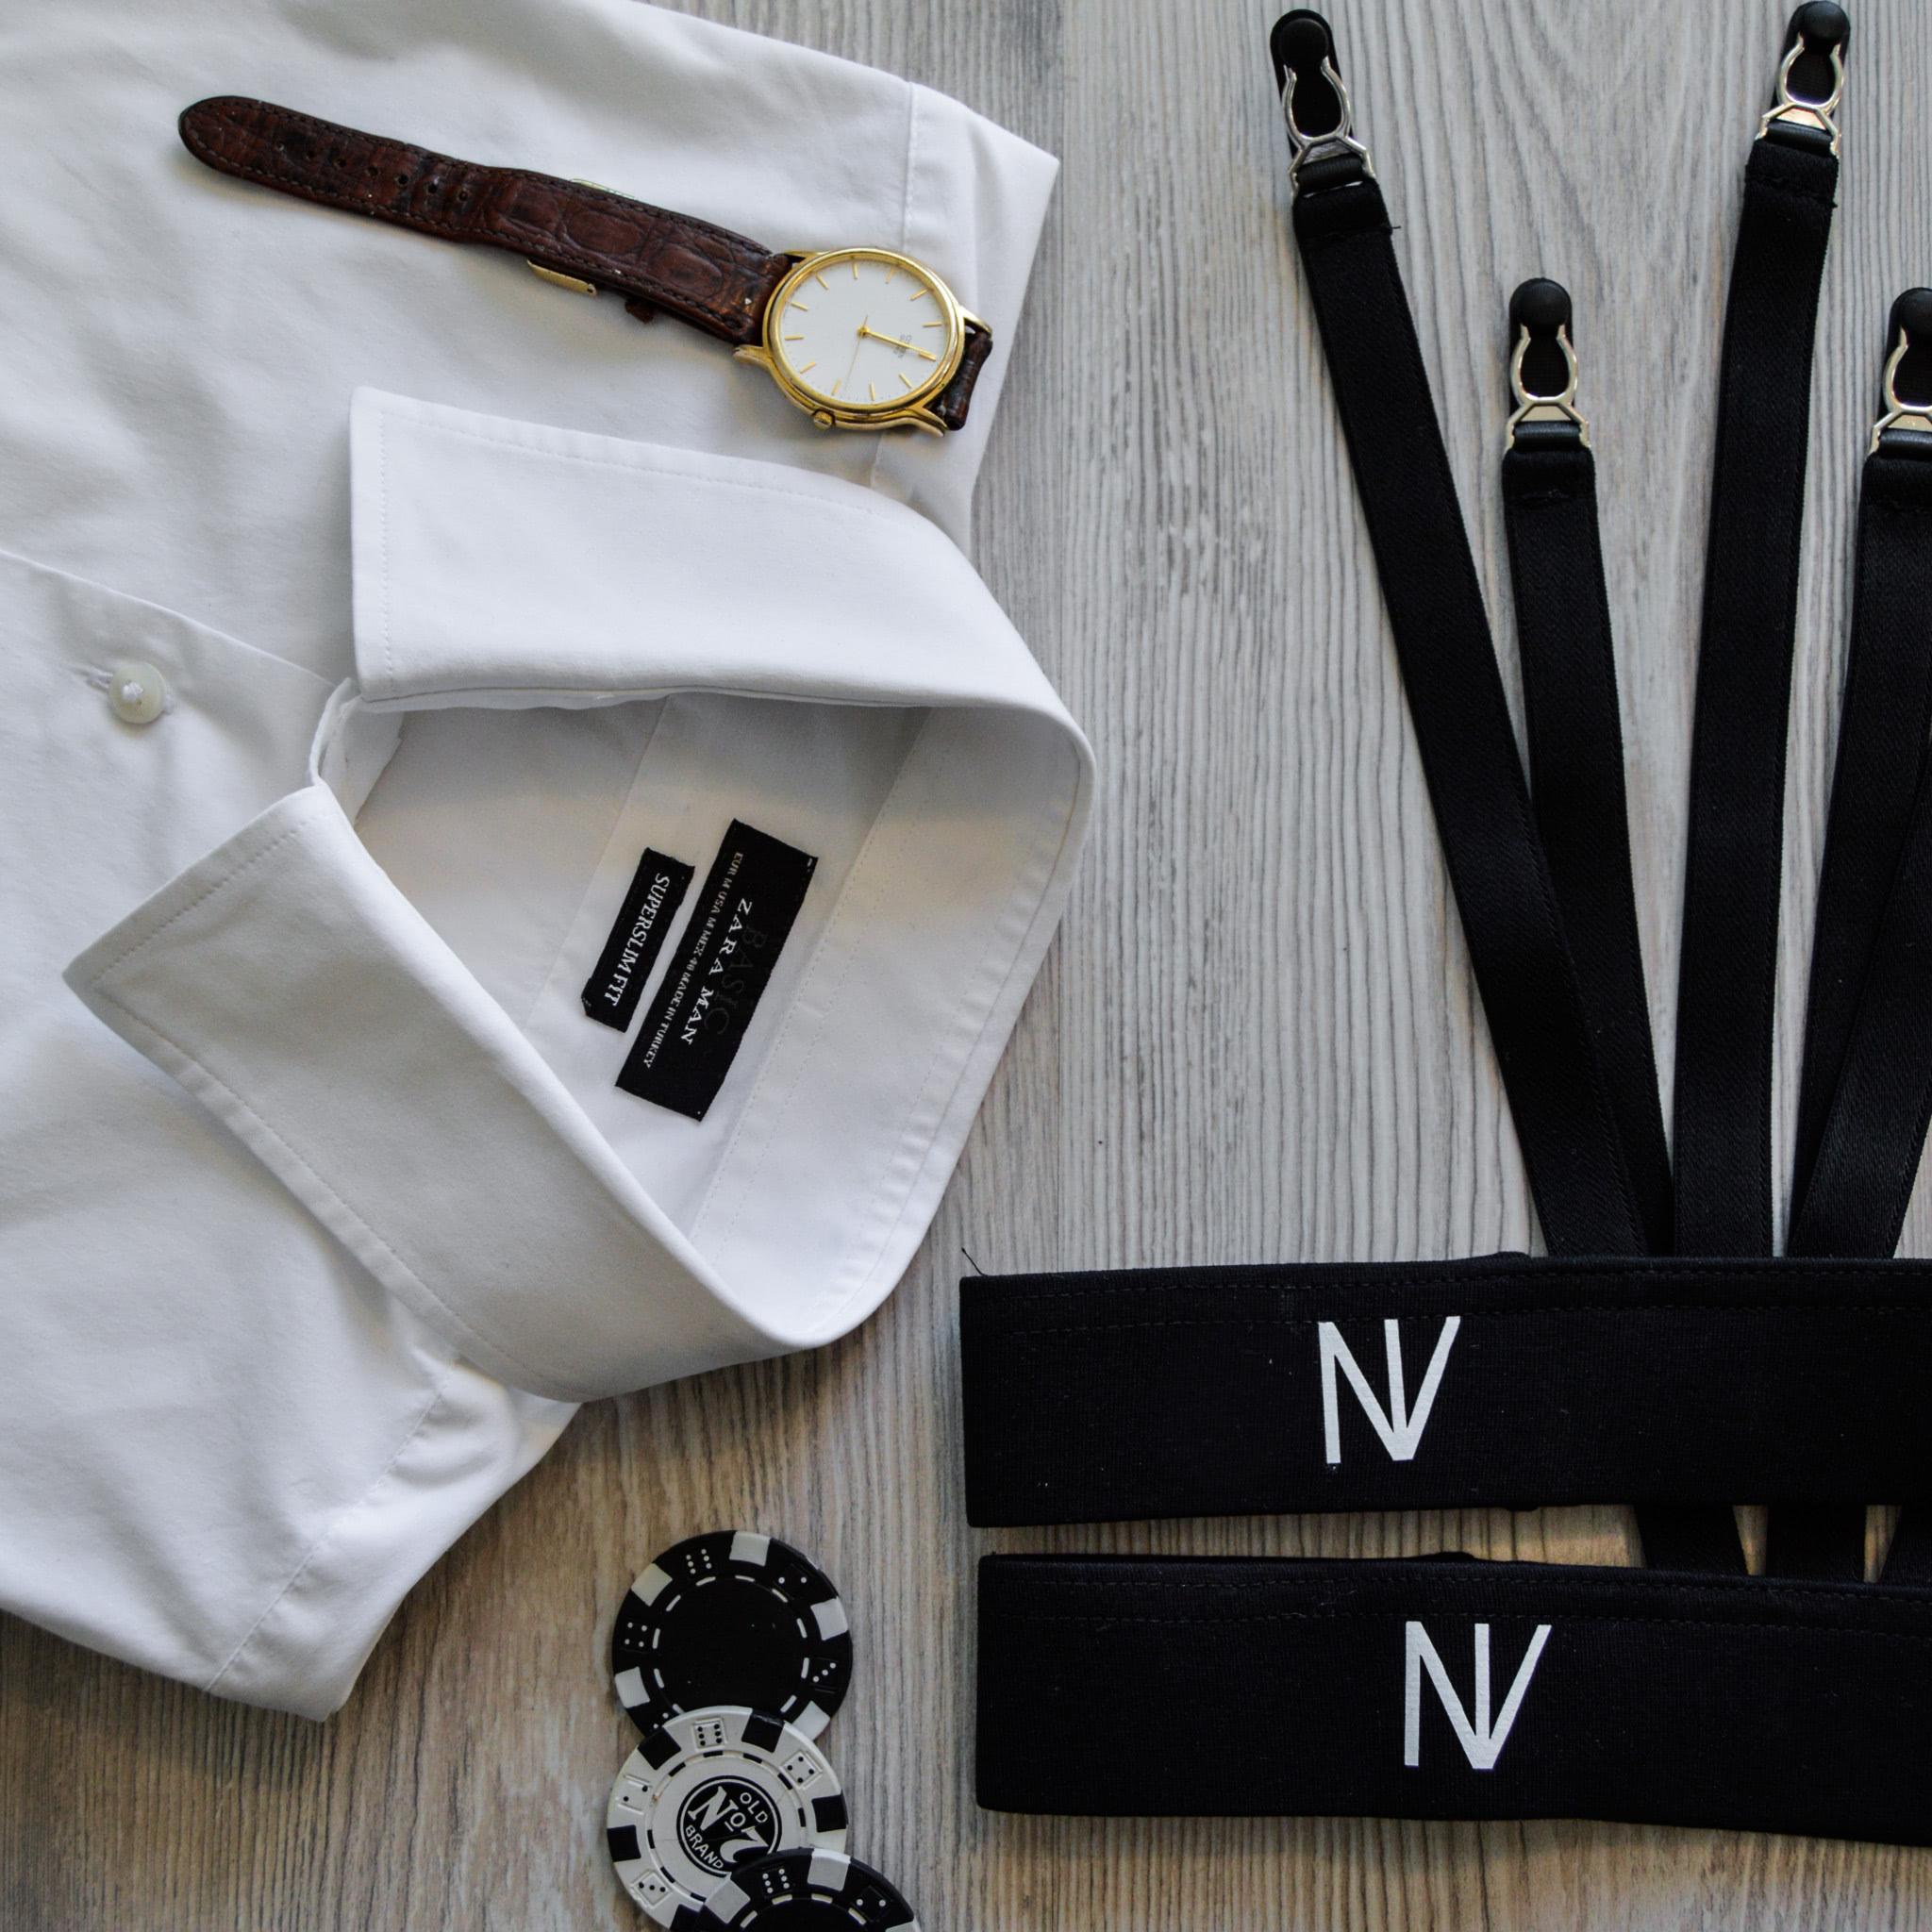 Бизнес-идея №5974. Подтяжки для рубашек